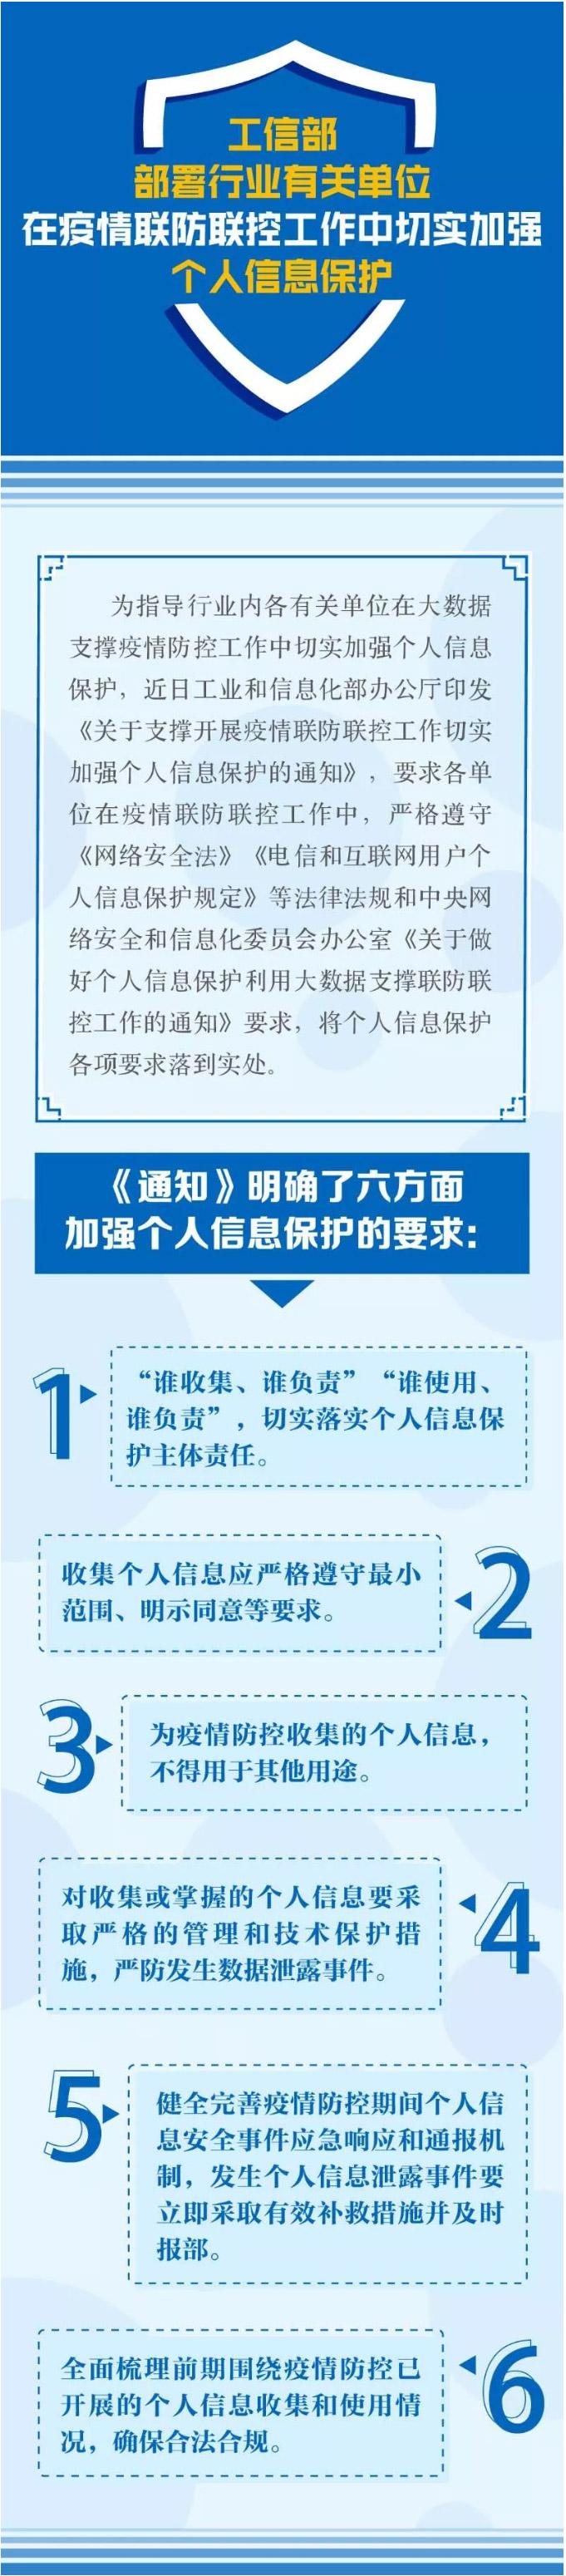 【图解】如何在疫情防控中加强个人信息保护?工信部提出六项要求.jpg